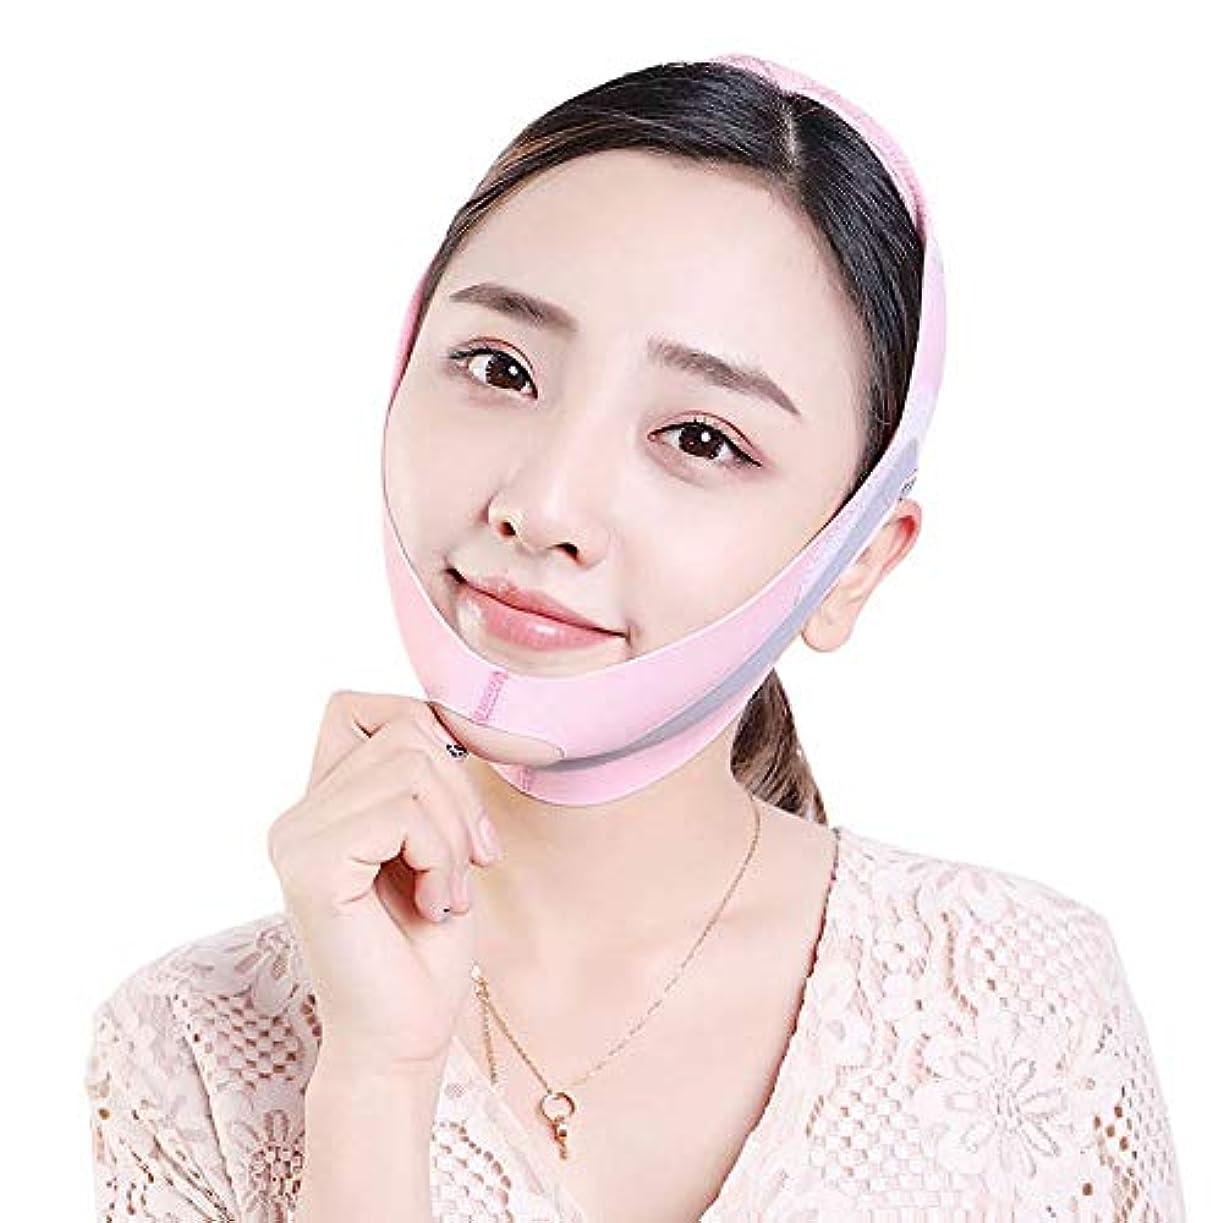 ダニウィンクどちらか飛強強 たるみを防ぐために顔を持ち上げるために筋肉を引き締めるために二重あごのステッカーとラインを削除するために、顔を持ち上げるアーティファクト包帯があります - ピンク スリムフィット美容ツール